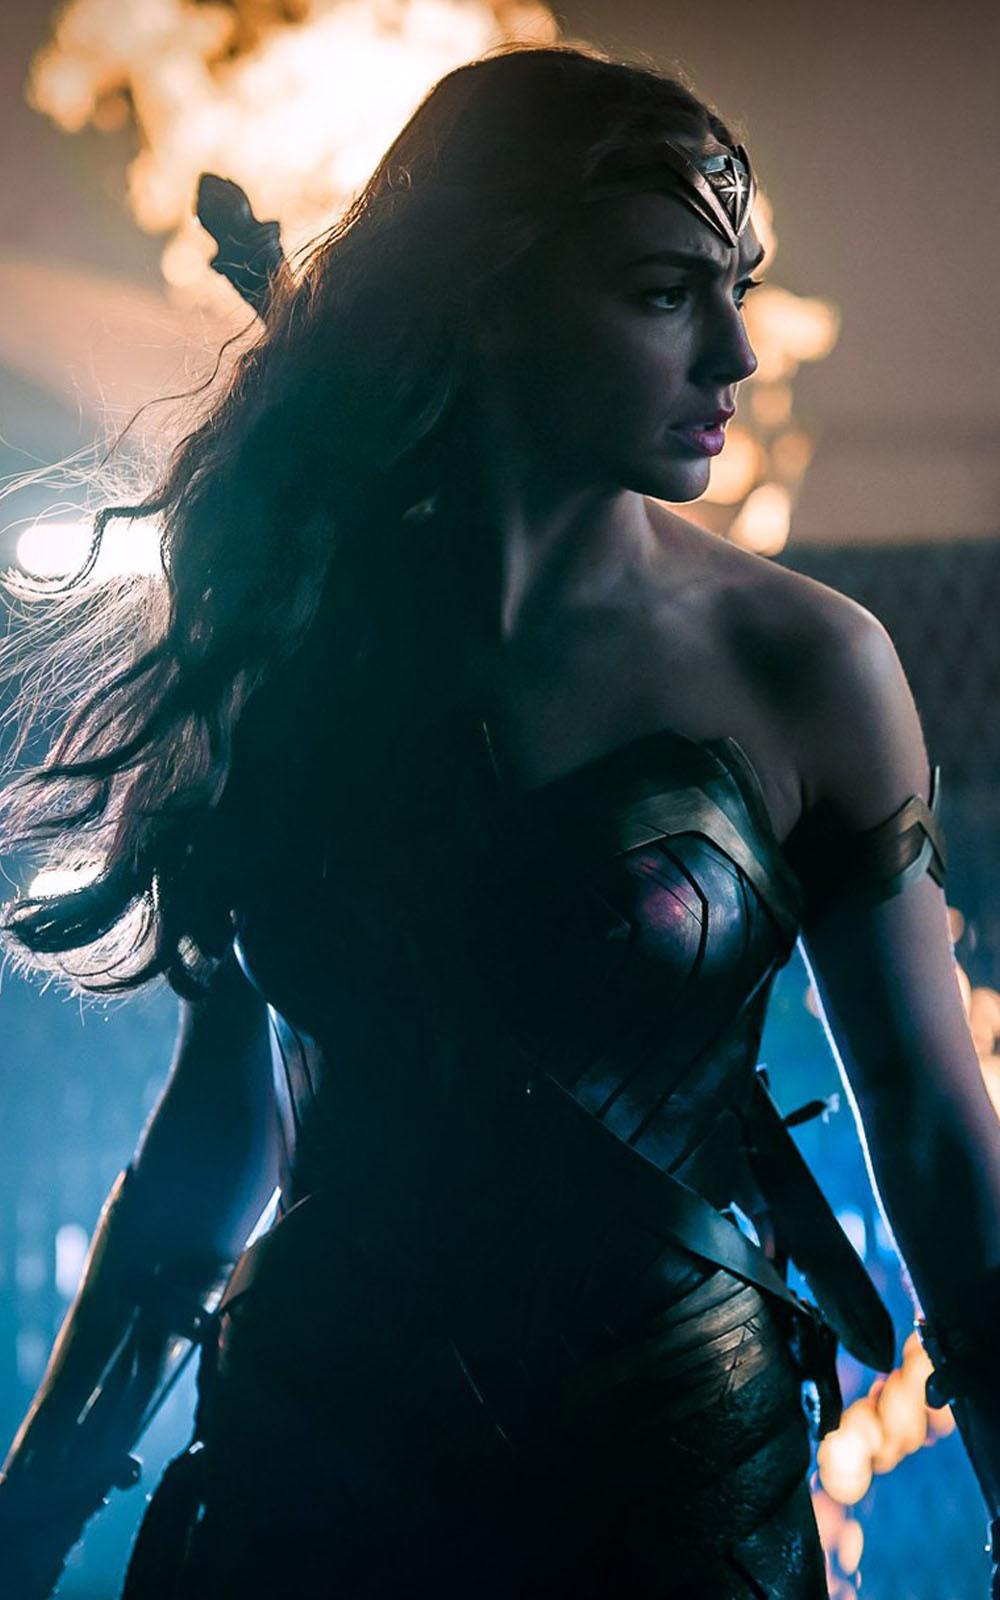 Wonder-Woman-Justice-League-Mobile-Wallpaper